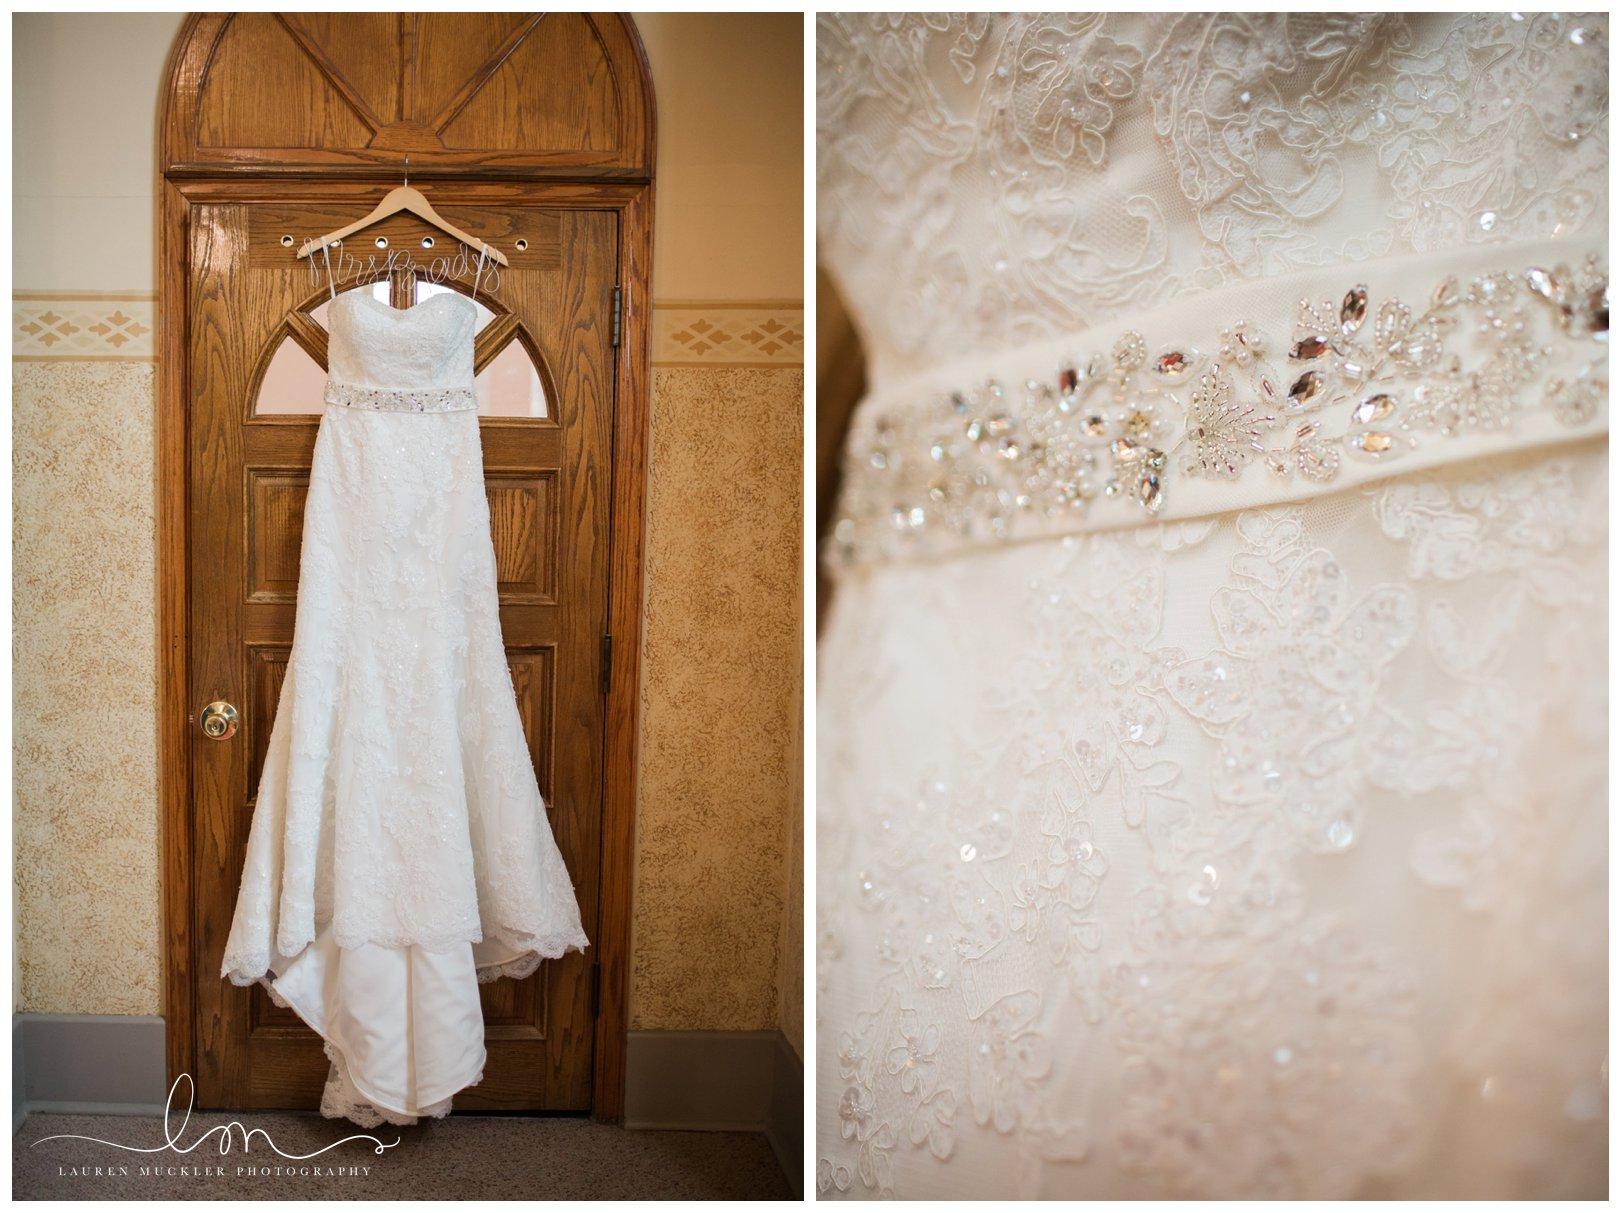 lauren muckler photography_fine art film wedding photography_st louis_photography_0120.jpg